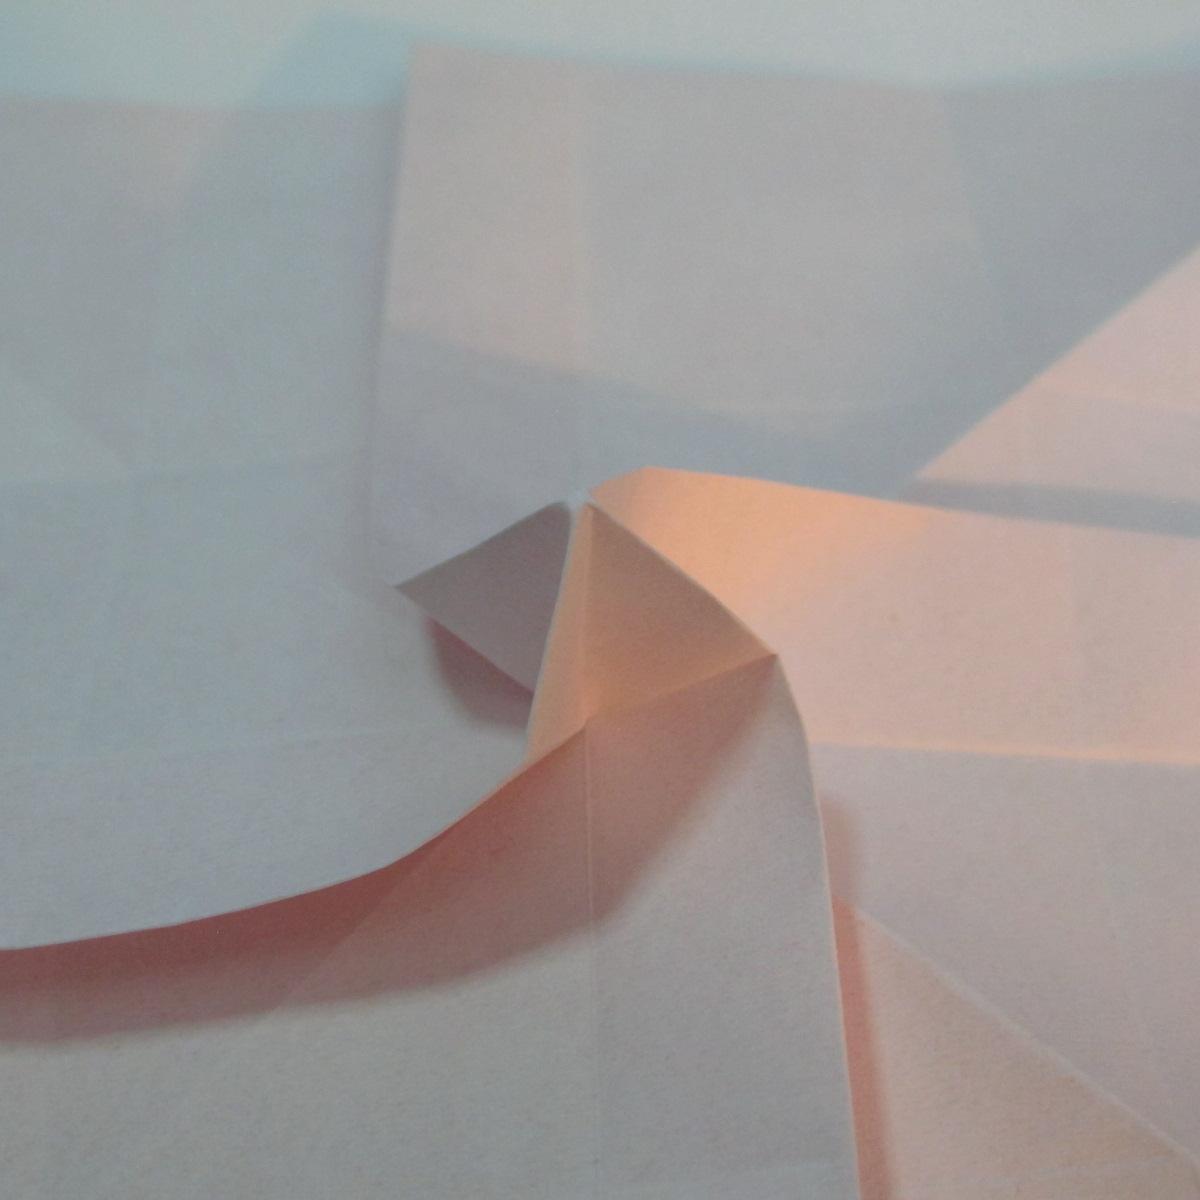 วิธีพับกระดาษพับดอกกุหลาบ 023